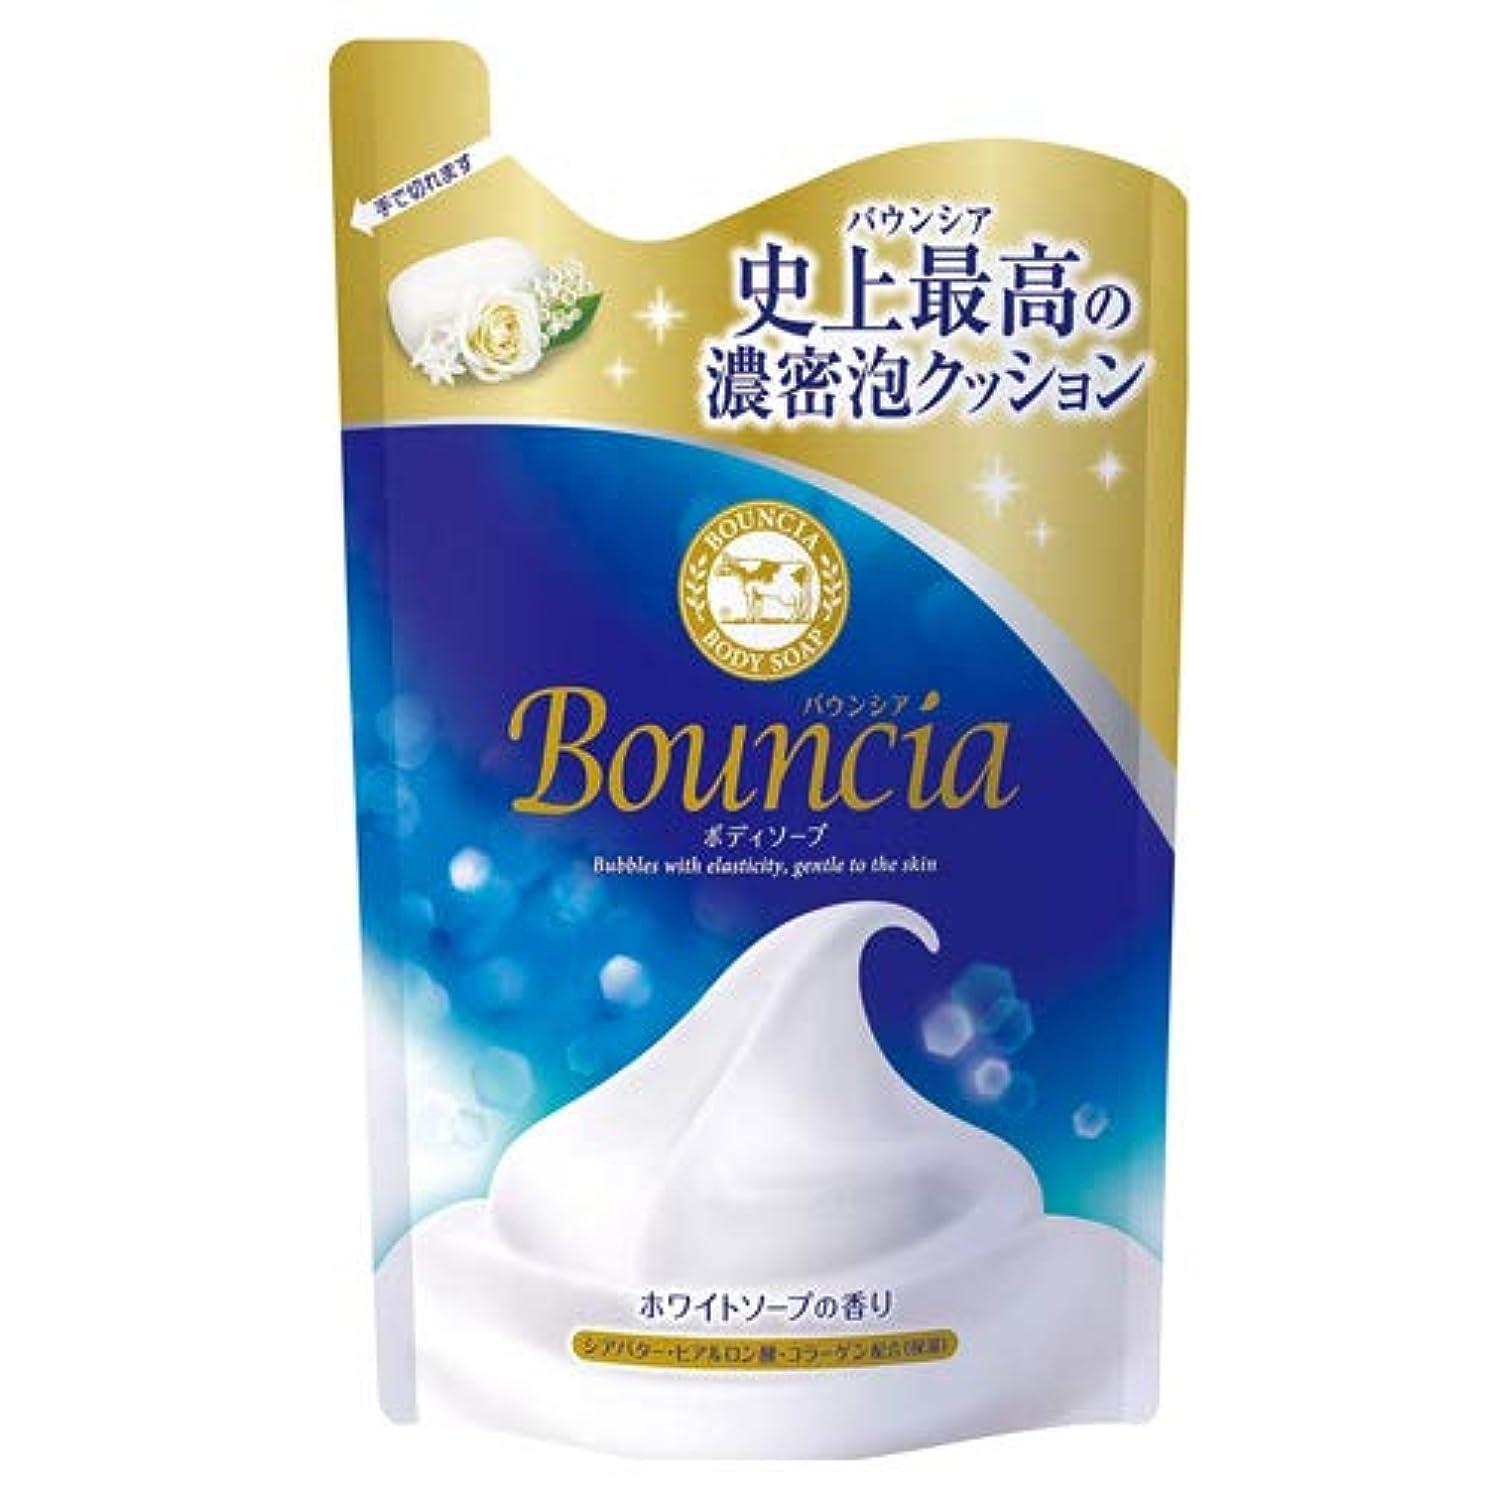 例修正影響力のある牛乳石鹸 バウンシア ボディソープ 詰替用 400ml×4個